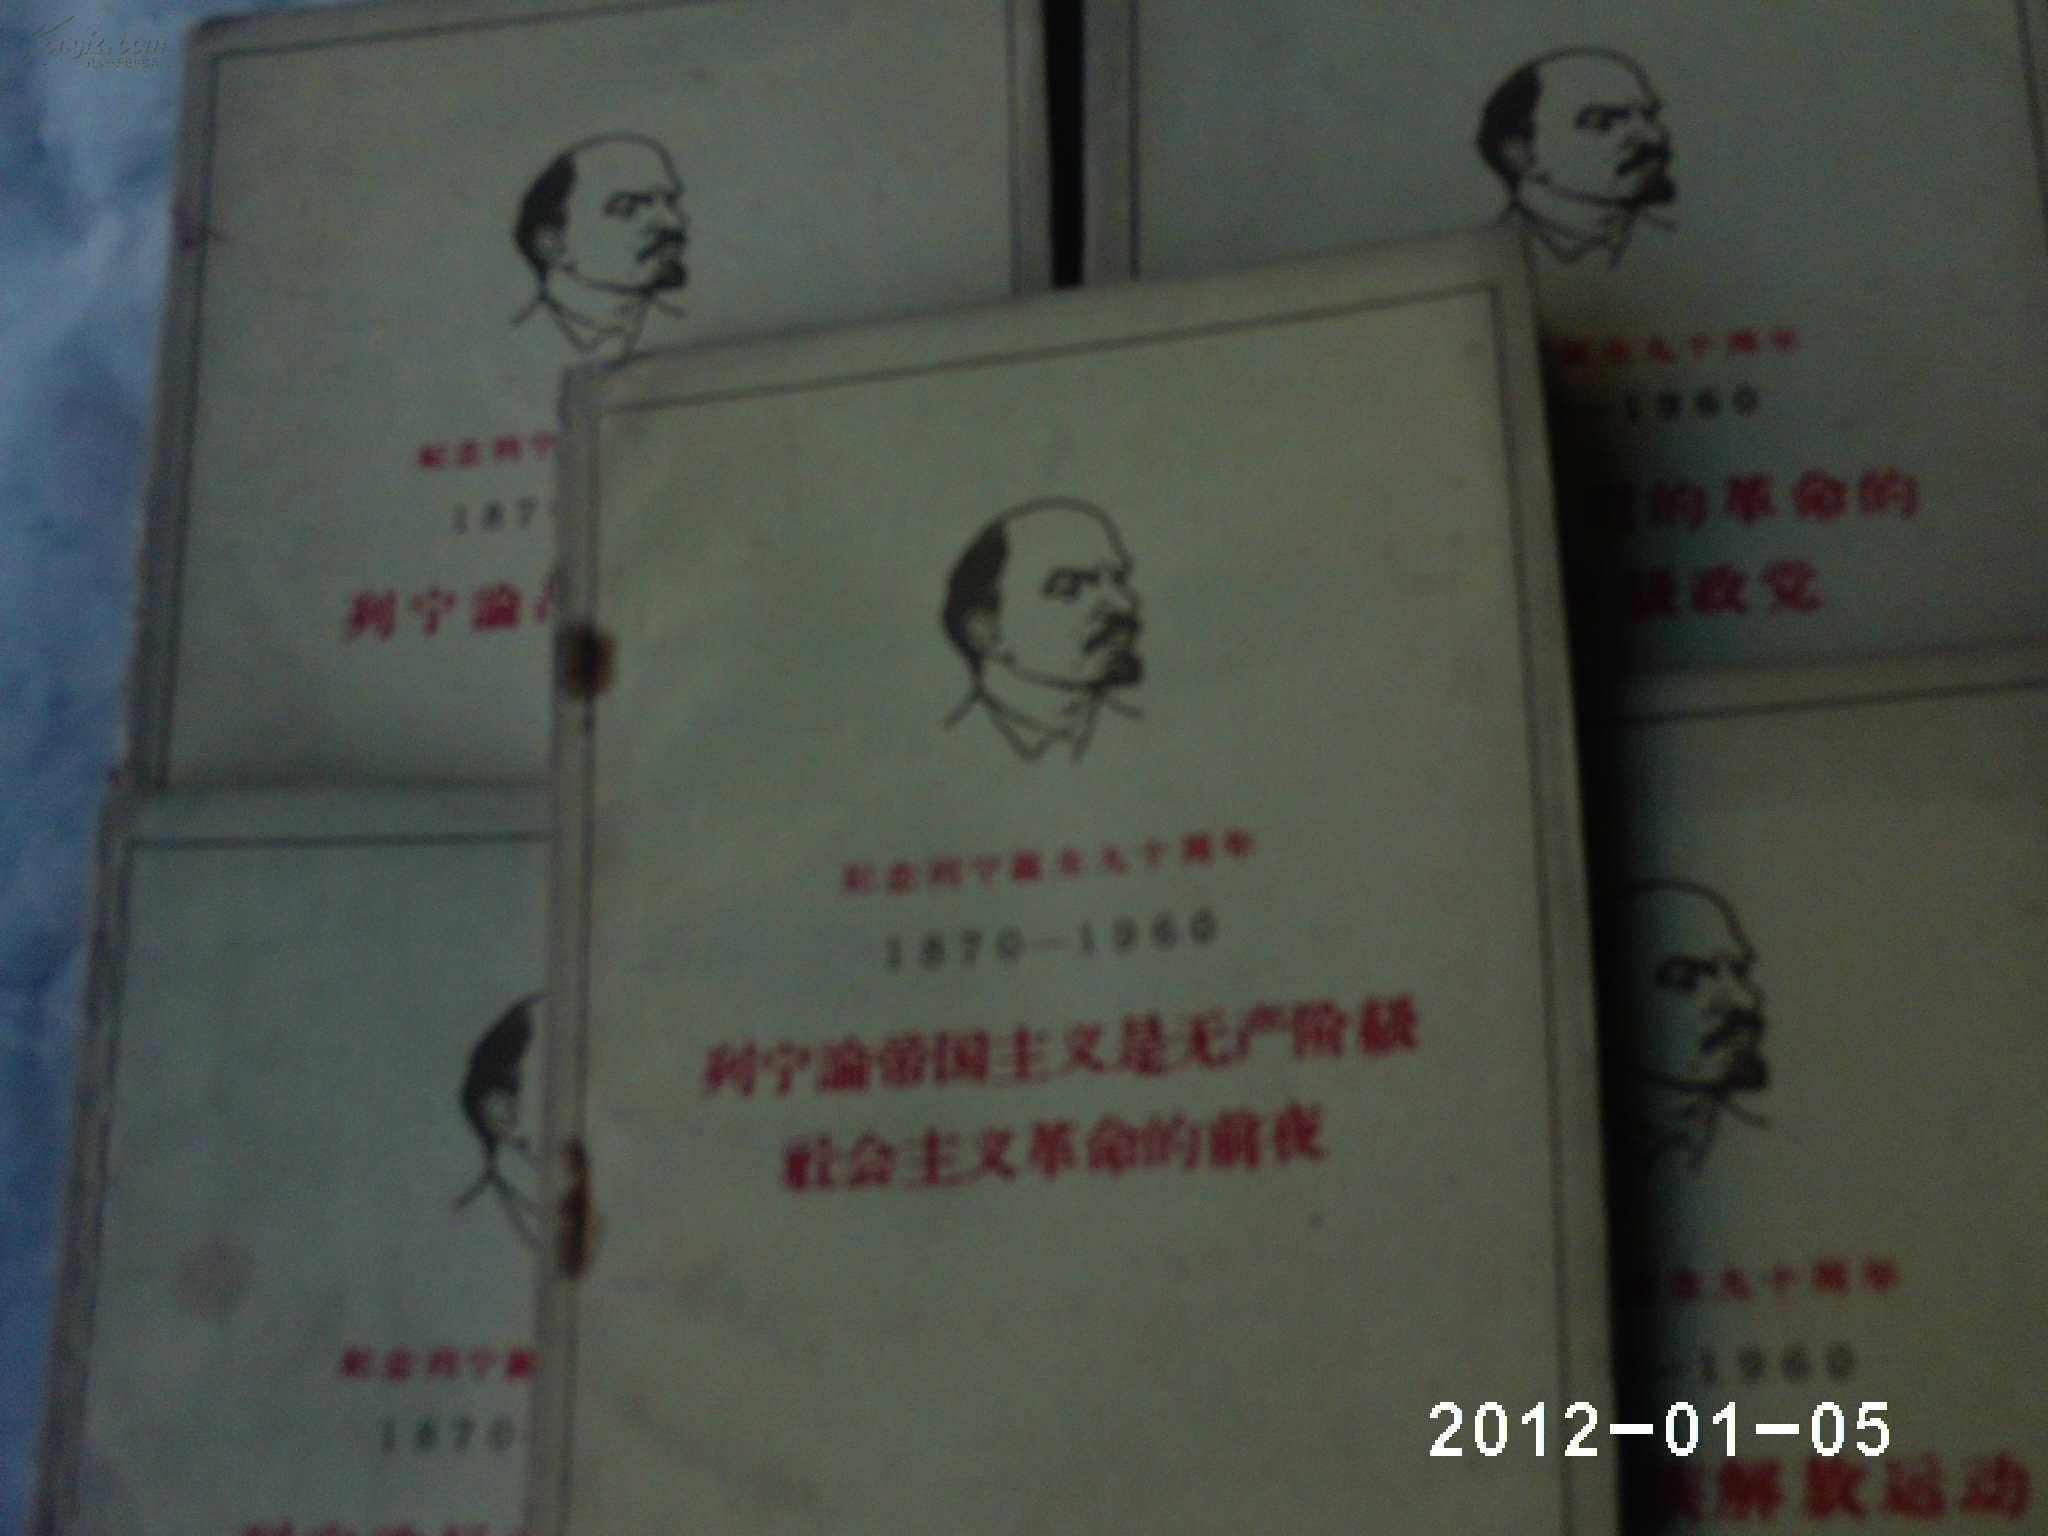 列宁论民族解放运动,列宁论帝国主义是无产阶级社会主义革命的前夜,列宁论战争与和平,列宁论反对修正主义